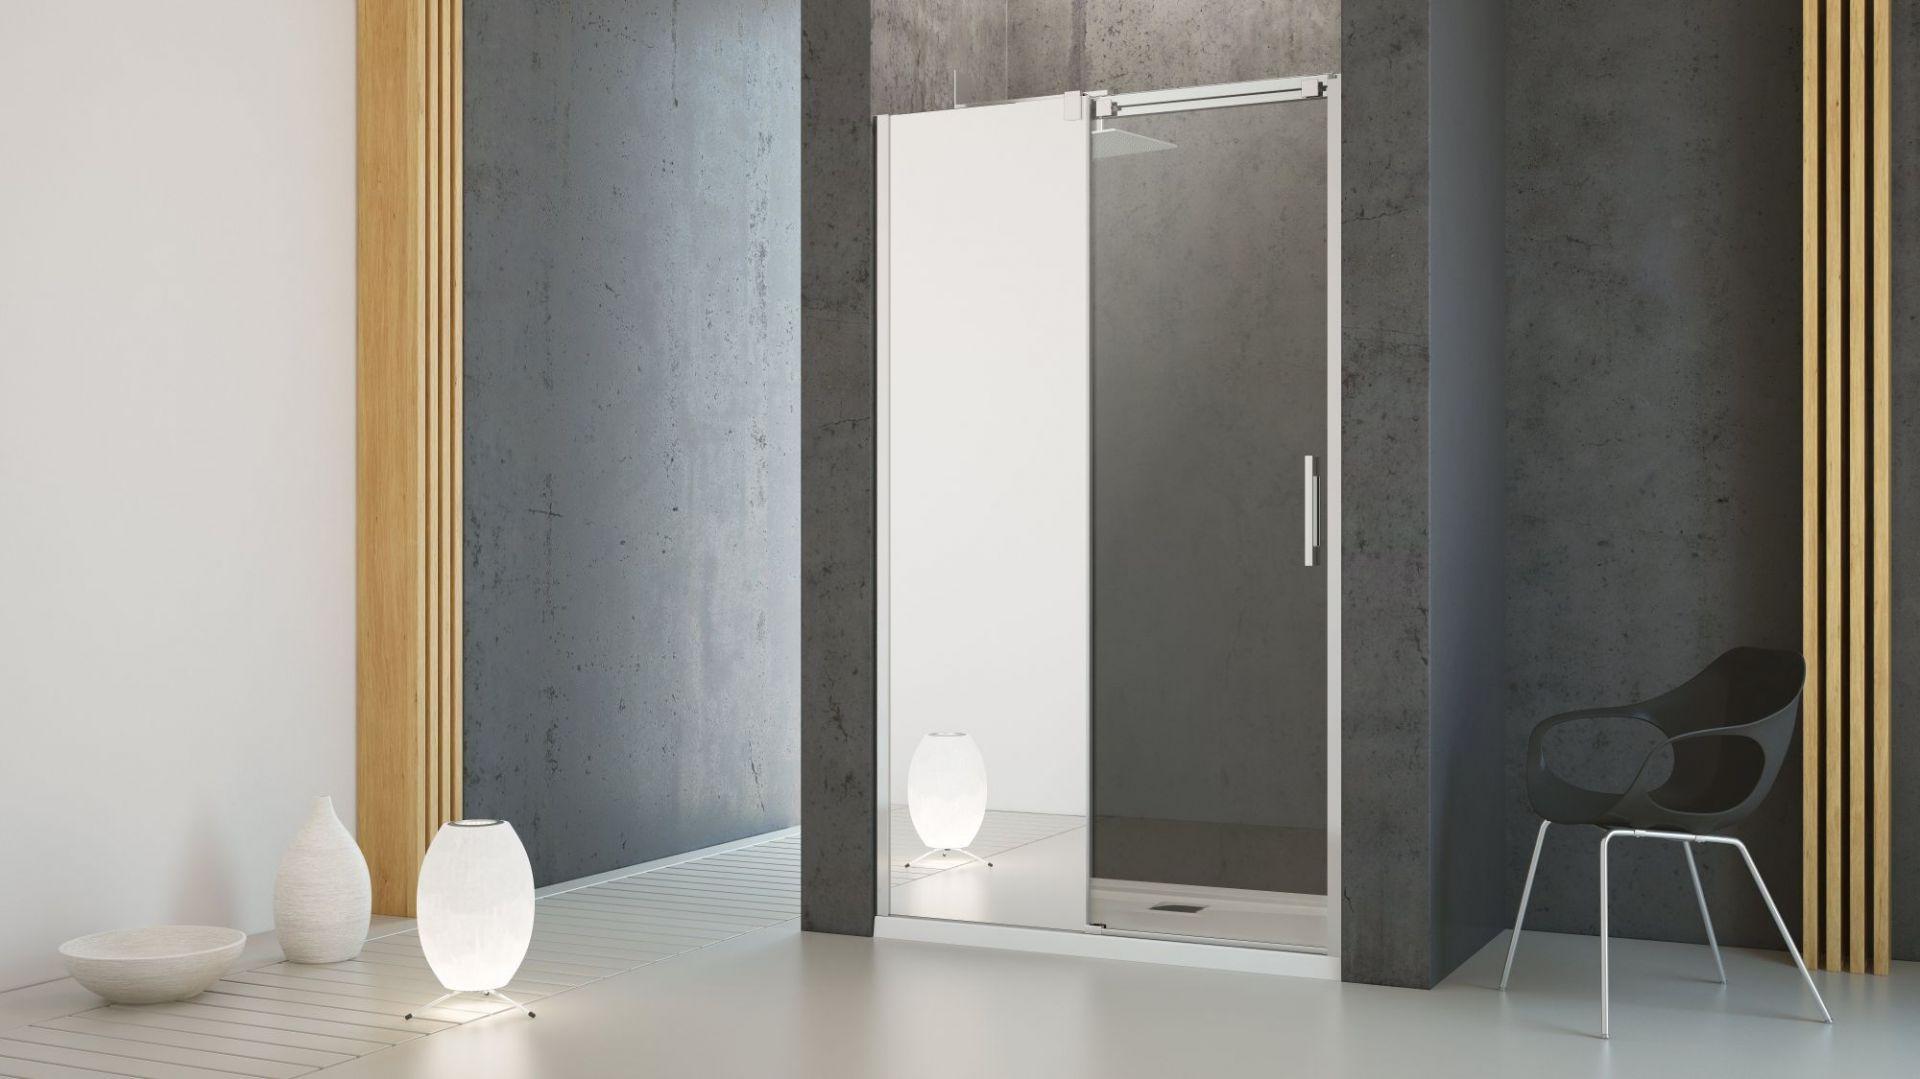 Ciekawym rozwiązaniem jest też wykorzystanie lustra w formie drzwi kabiny prysznicowej. Fot. Radaway